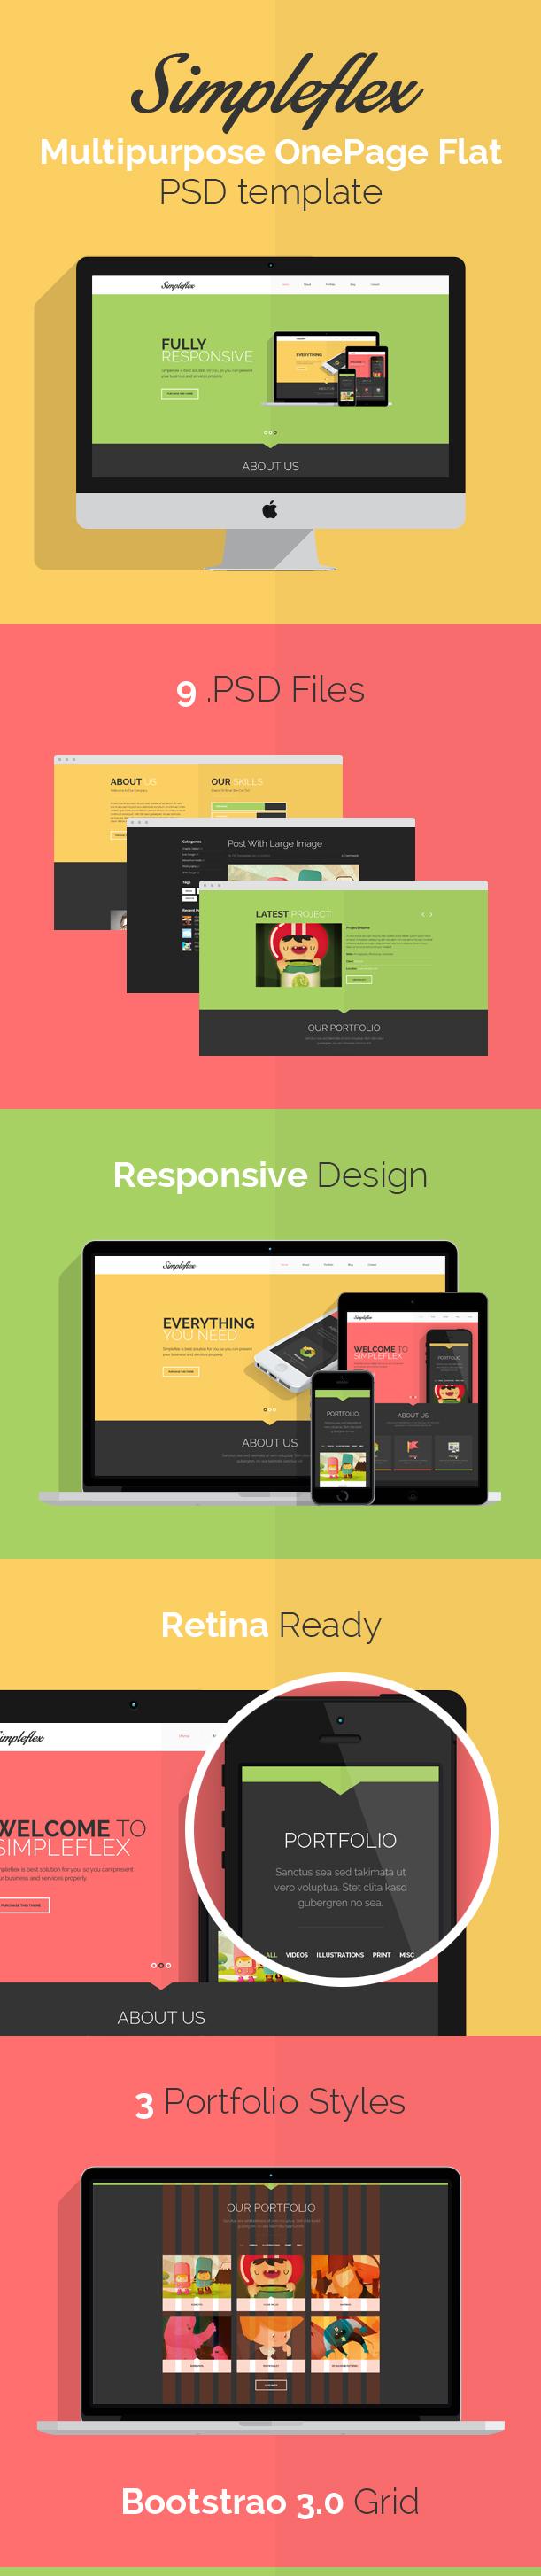 Simpleflex - PSD Web Template